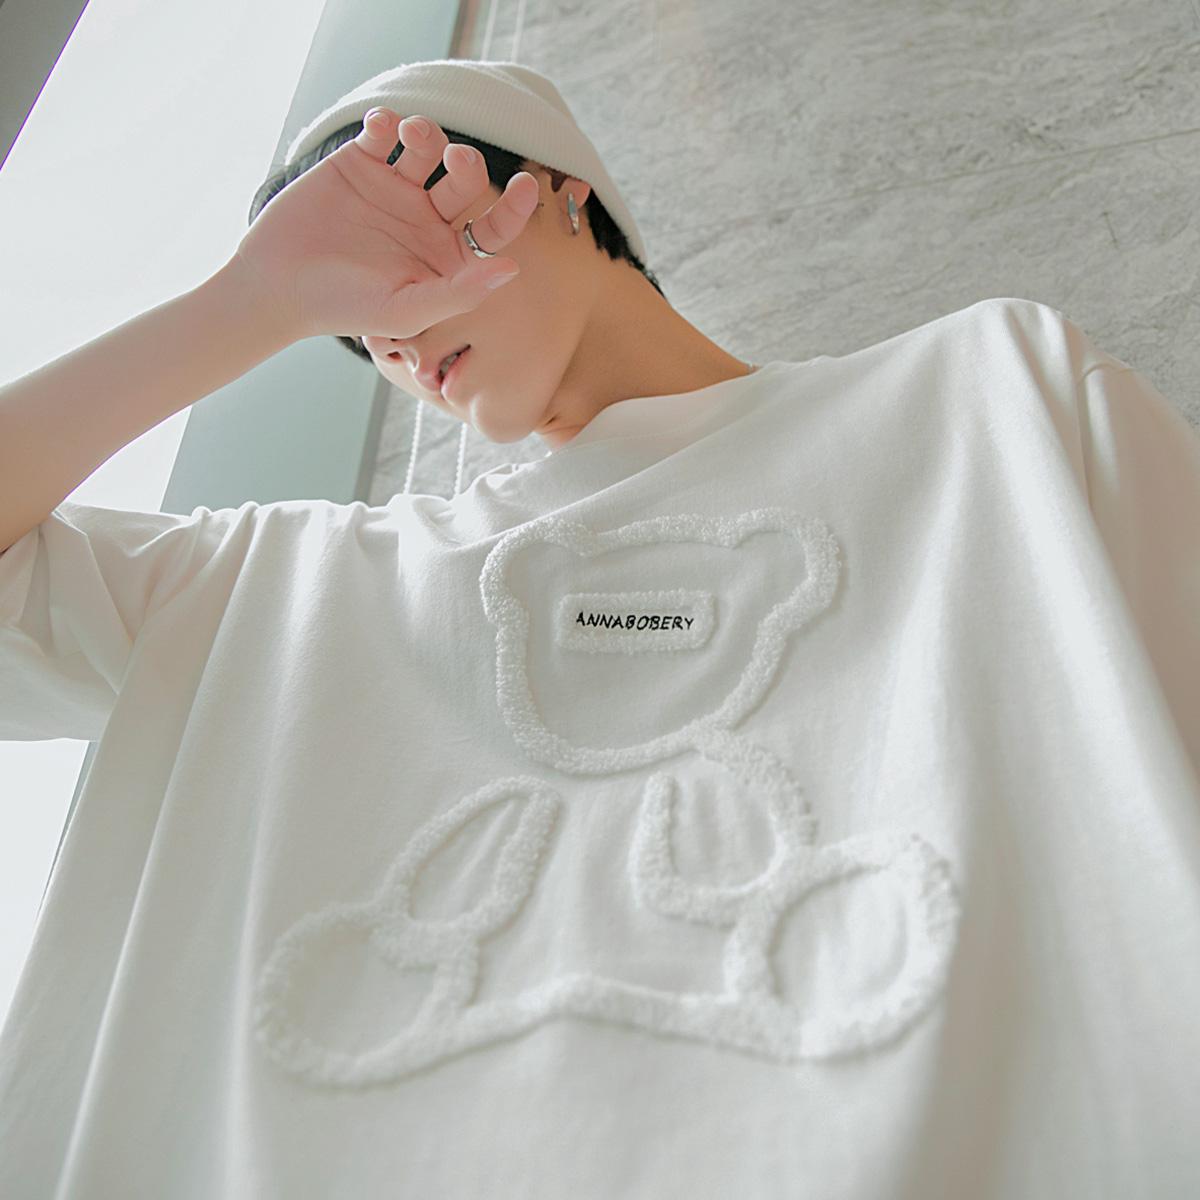 西西里男装小熊短袖t恤男2021年新款植绒印花白色体恤衫宽松上衣